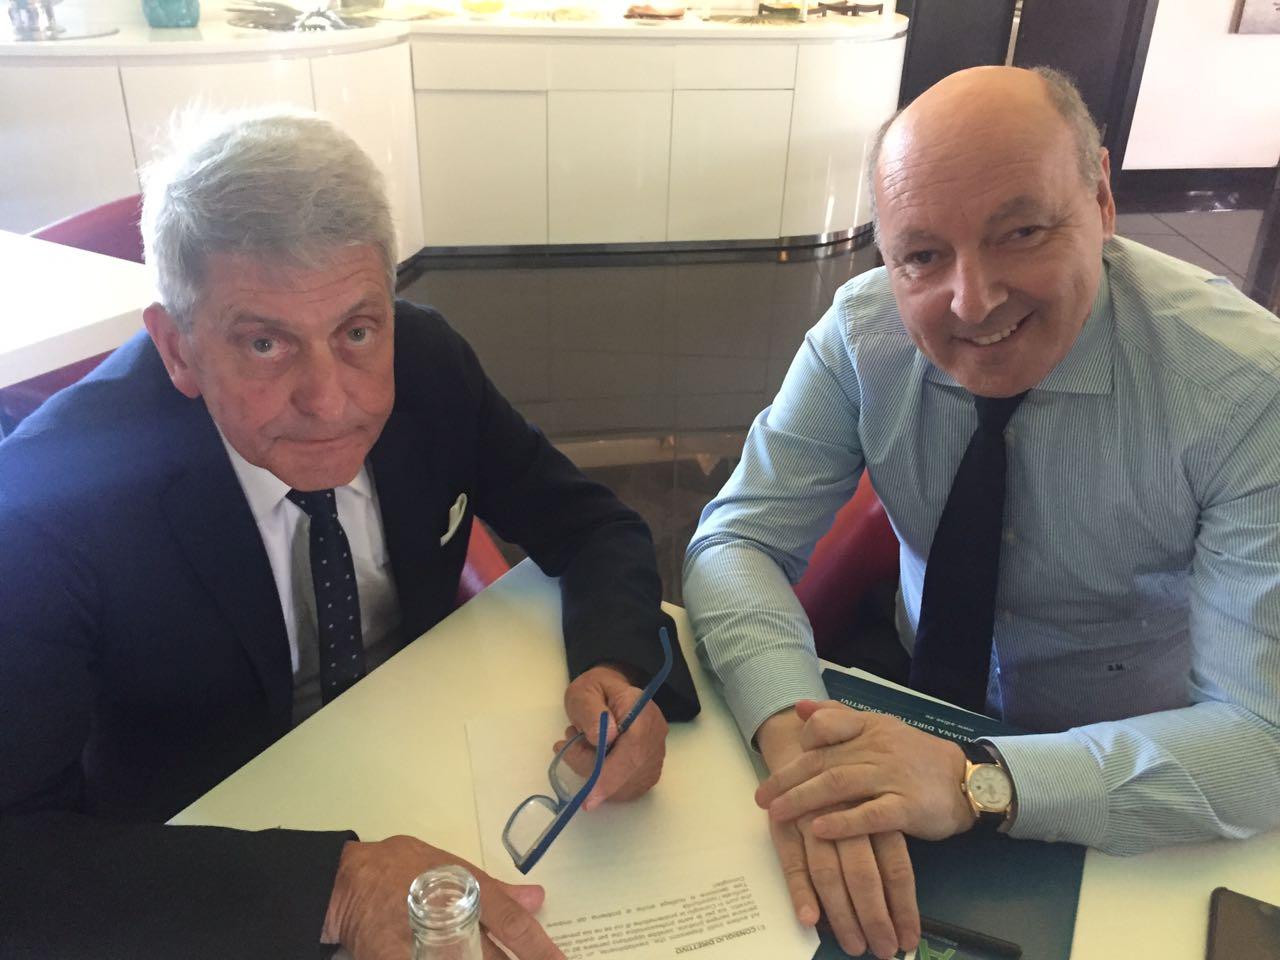 Riunione Operativa A Milano Fra Il Presidente Marotta E I Vicepresidenti Molinari E Galasso